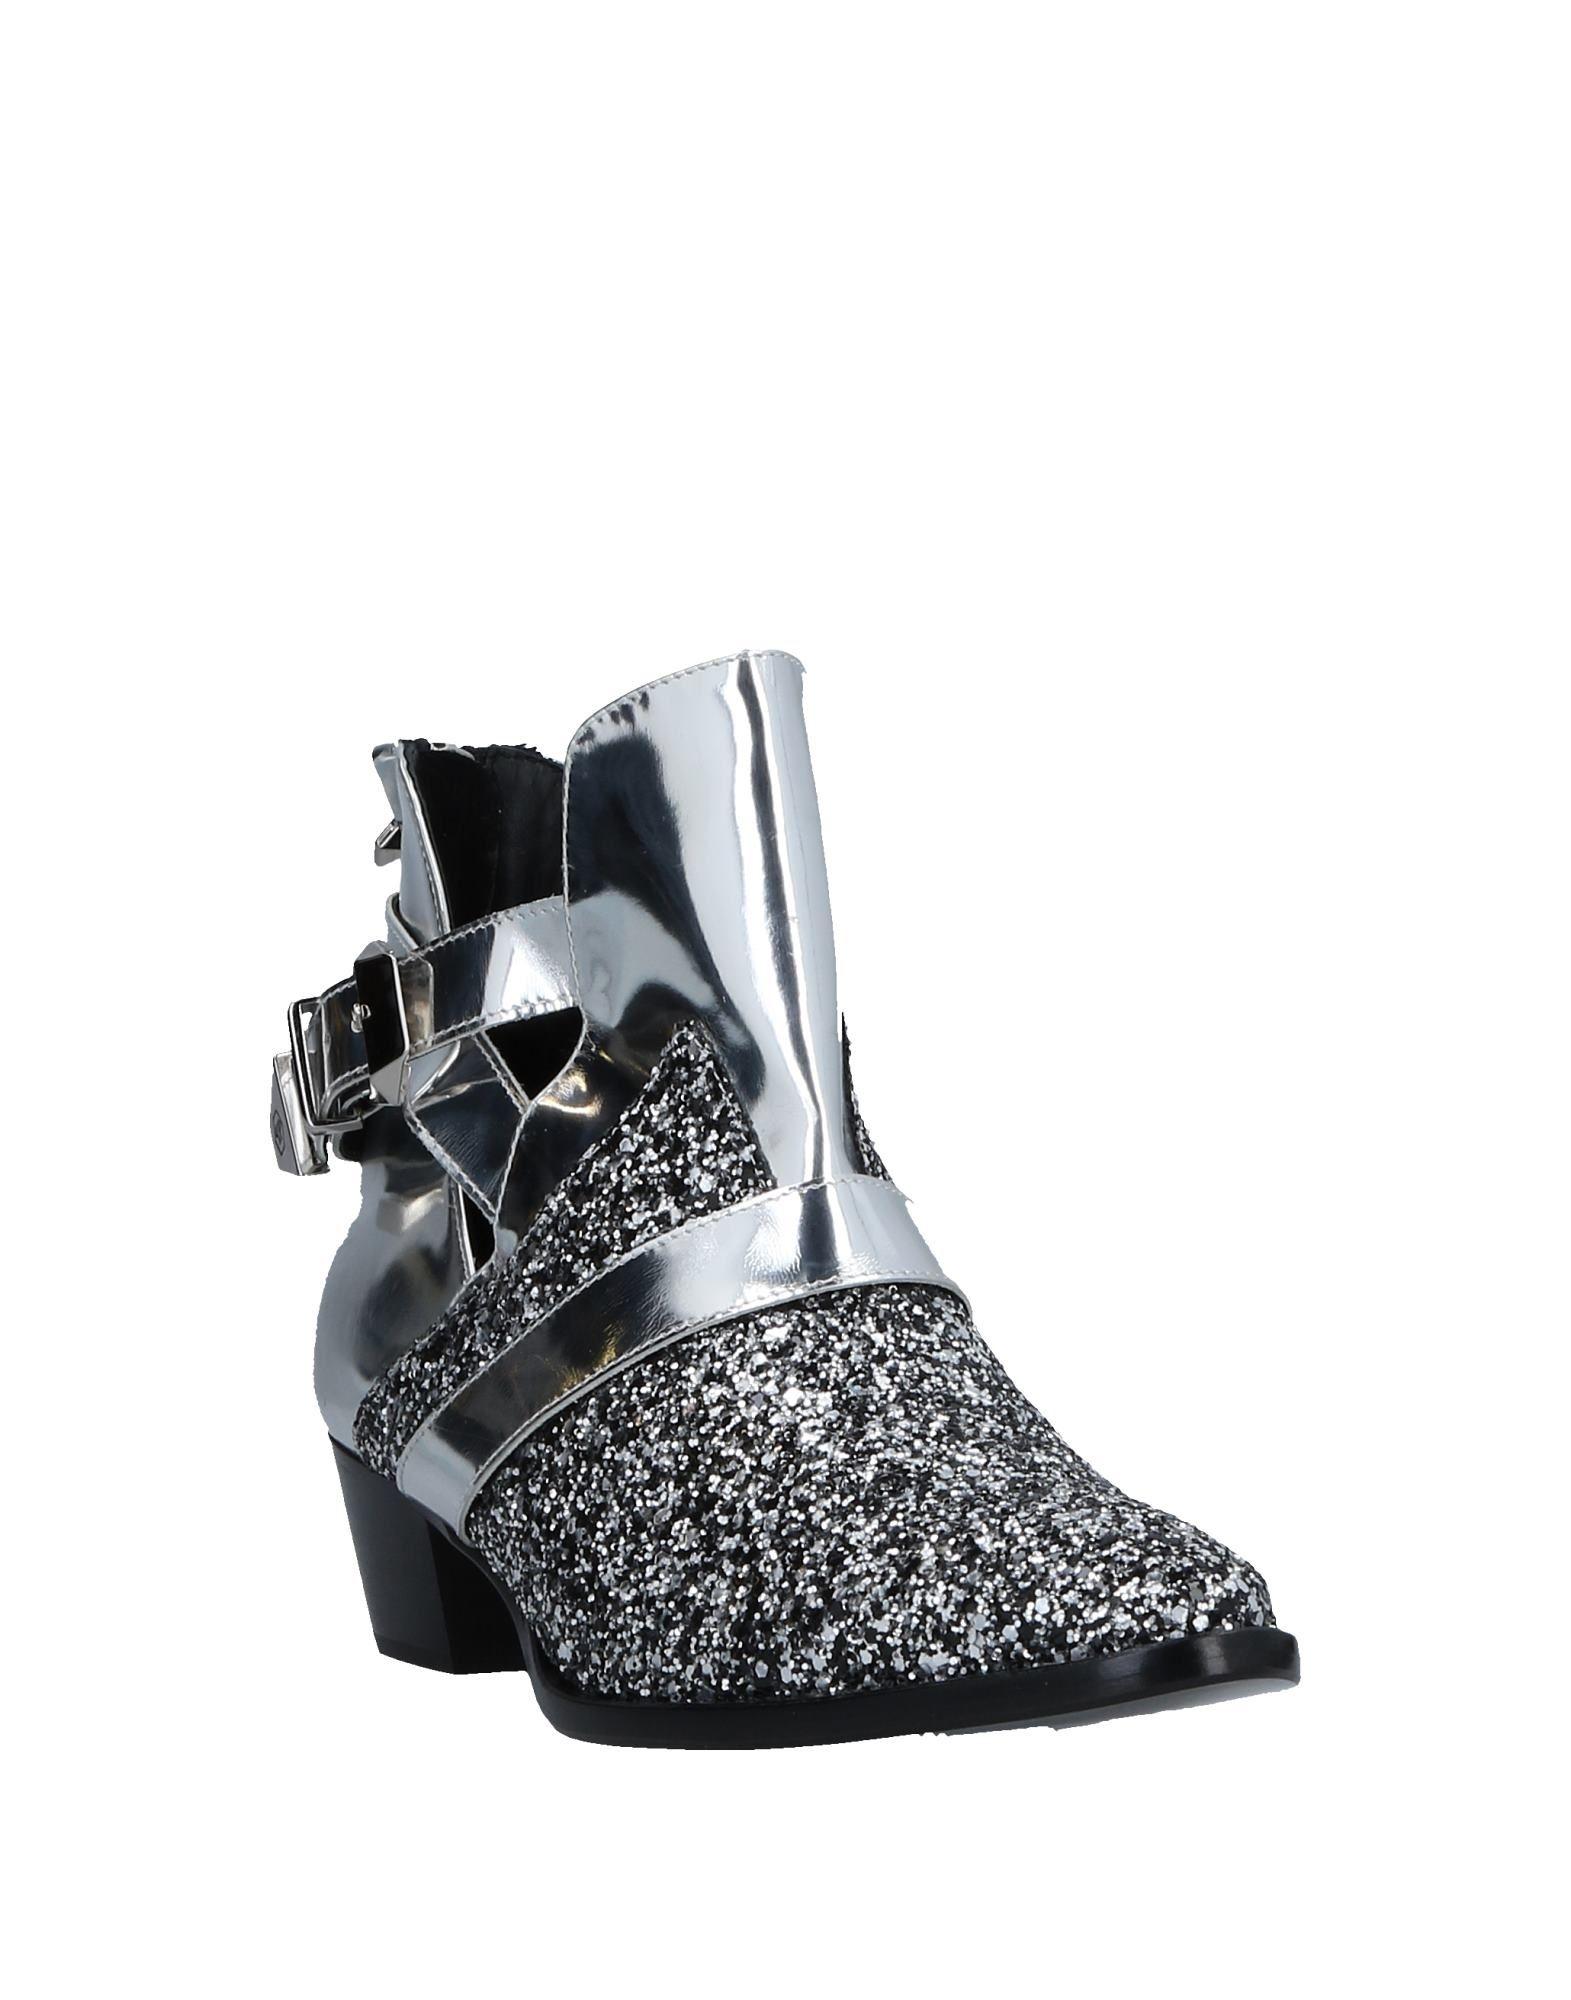 Philipp Plein Stiefelette Damen Schuhe  11521214AMGünstige gut aussehende Schuhe Damen 92cad1